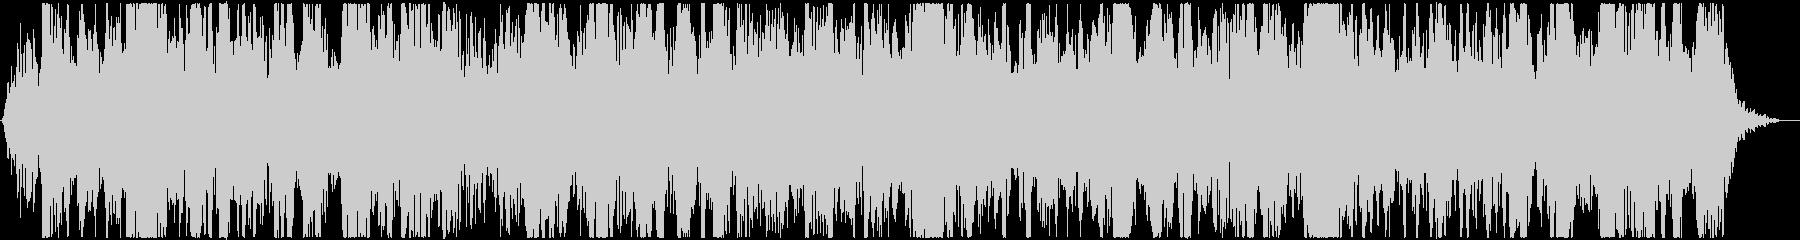 イメージ 地下鉄ハイ01の未再生の波形